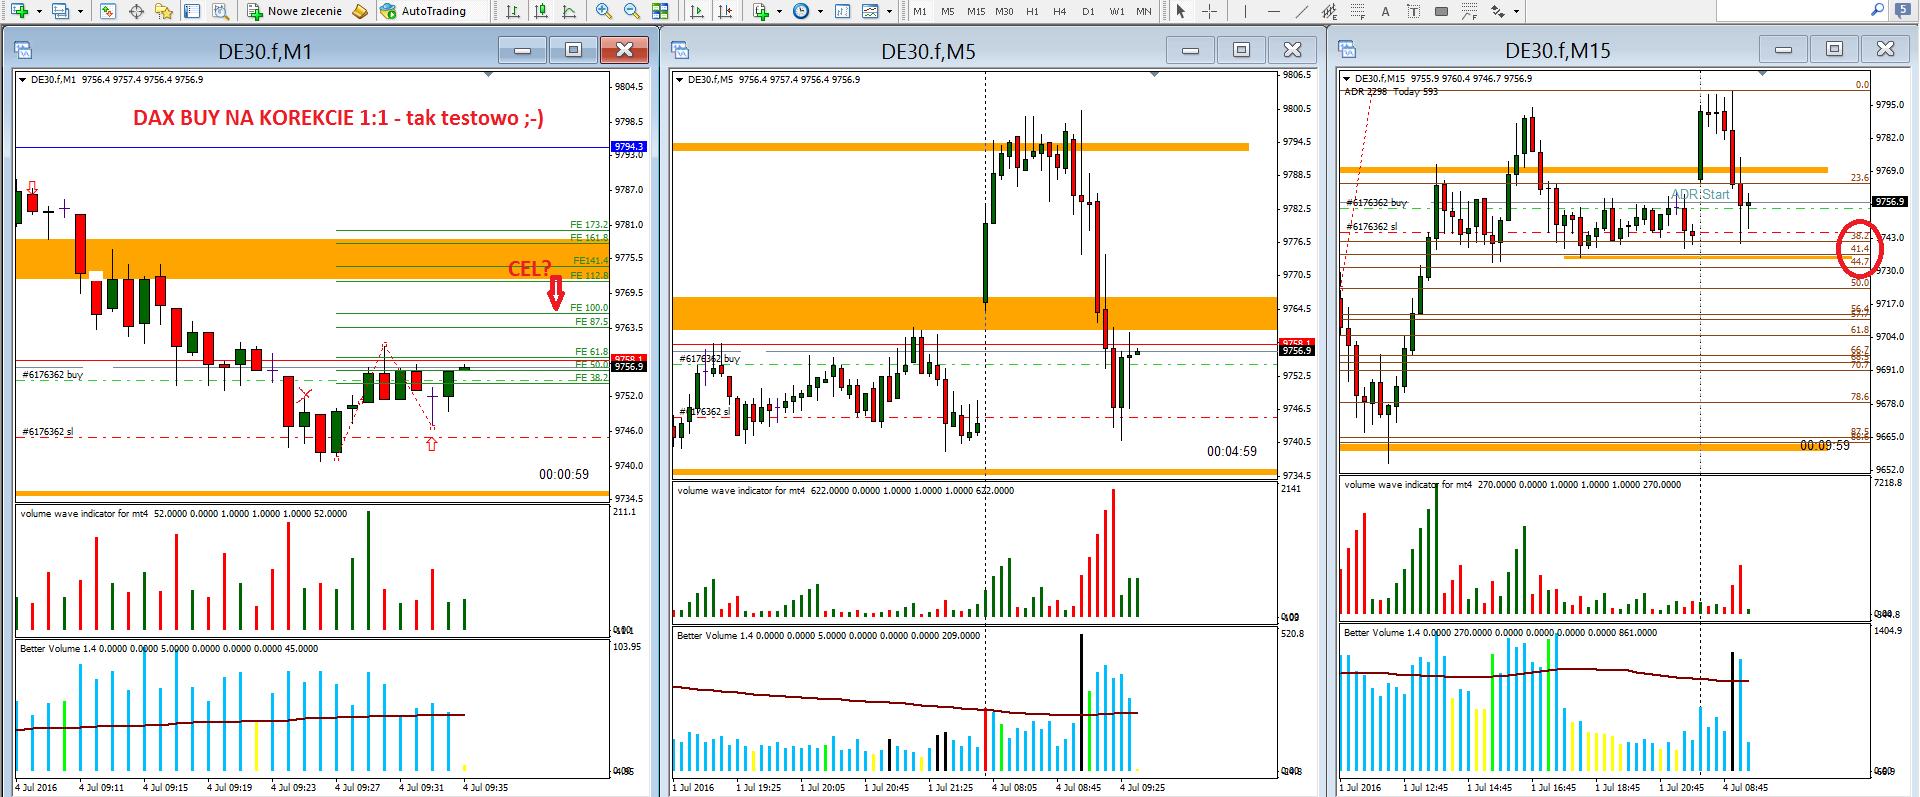 9-forex-skuteczna strategia-myforex-trader-trading-waluty-dax-prosta strategia tradingowa-broker-sukces-wolumen-vsa-świec japońskie-formacje świecowe-poziomy fibo-scalping